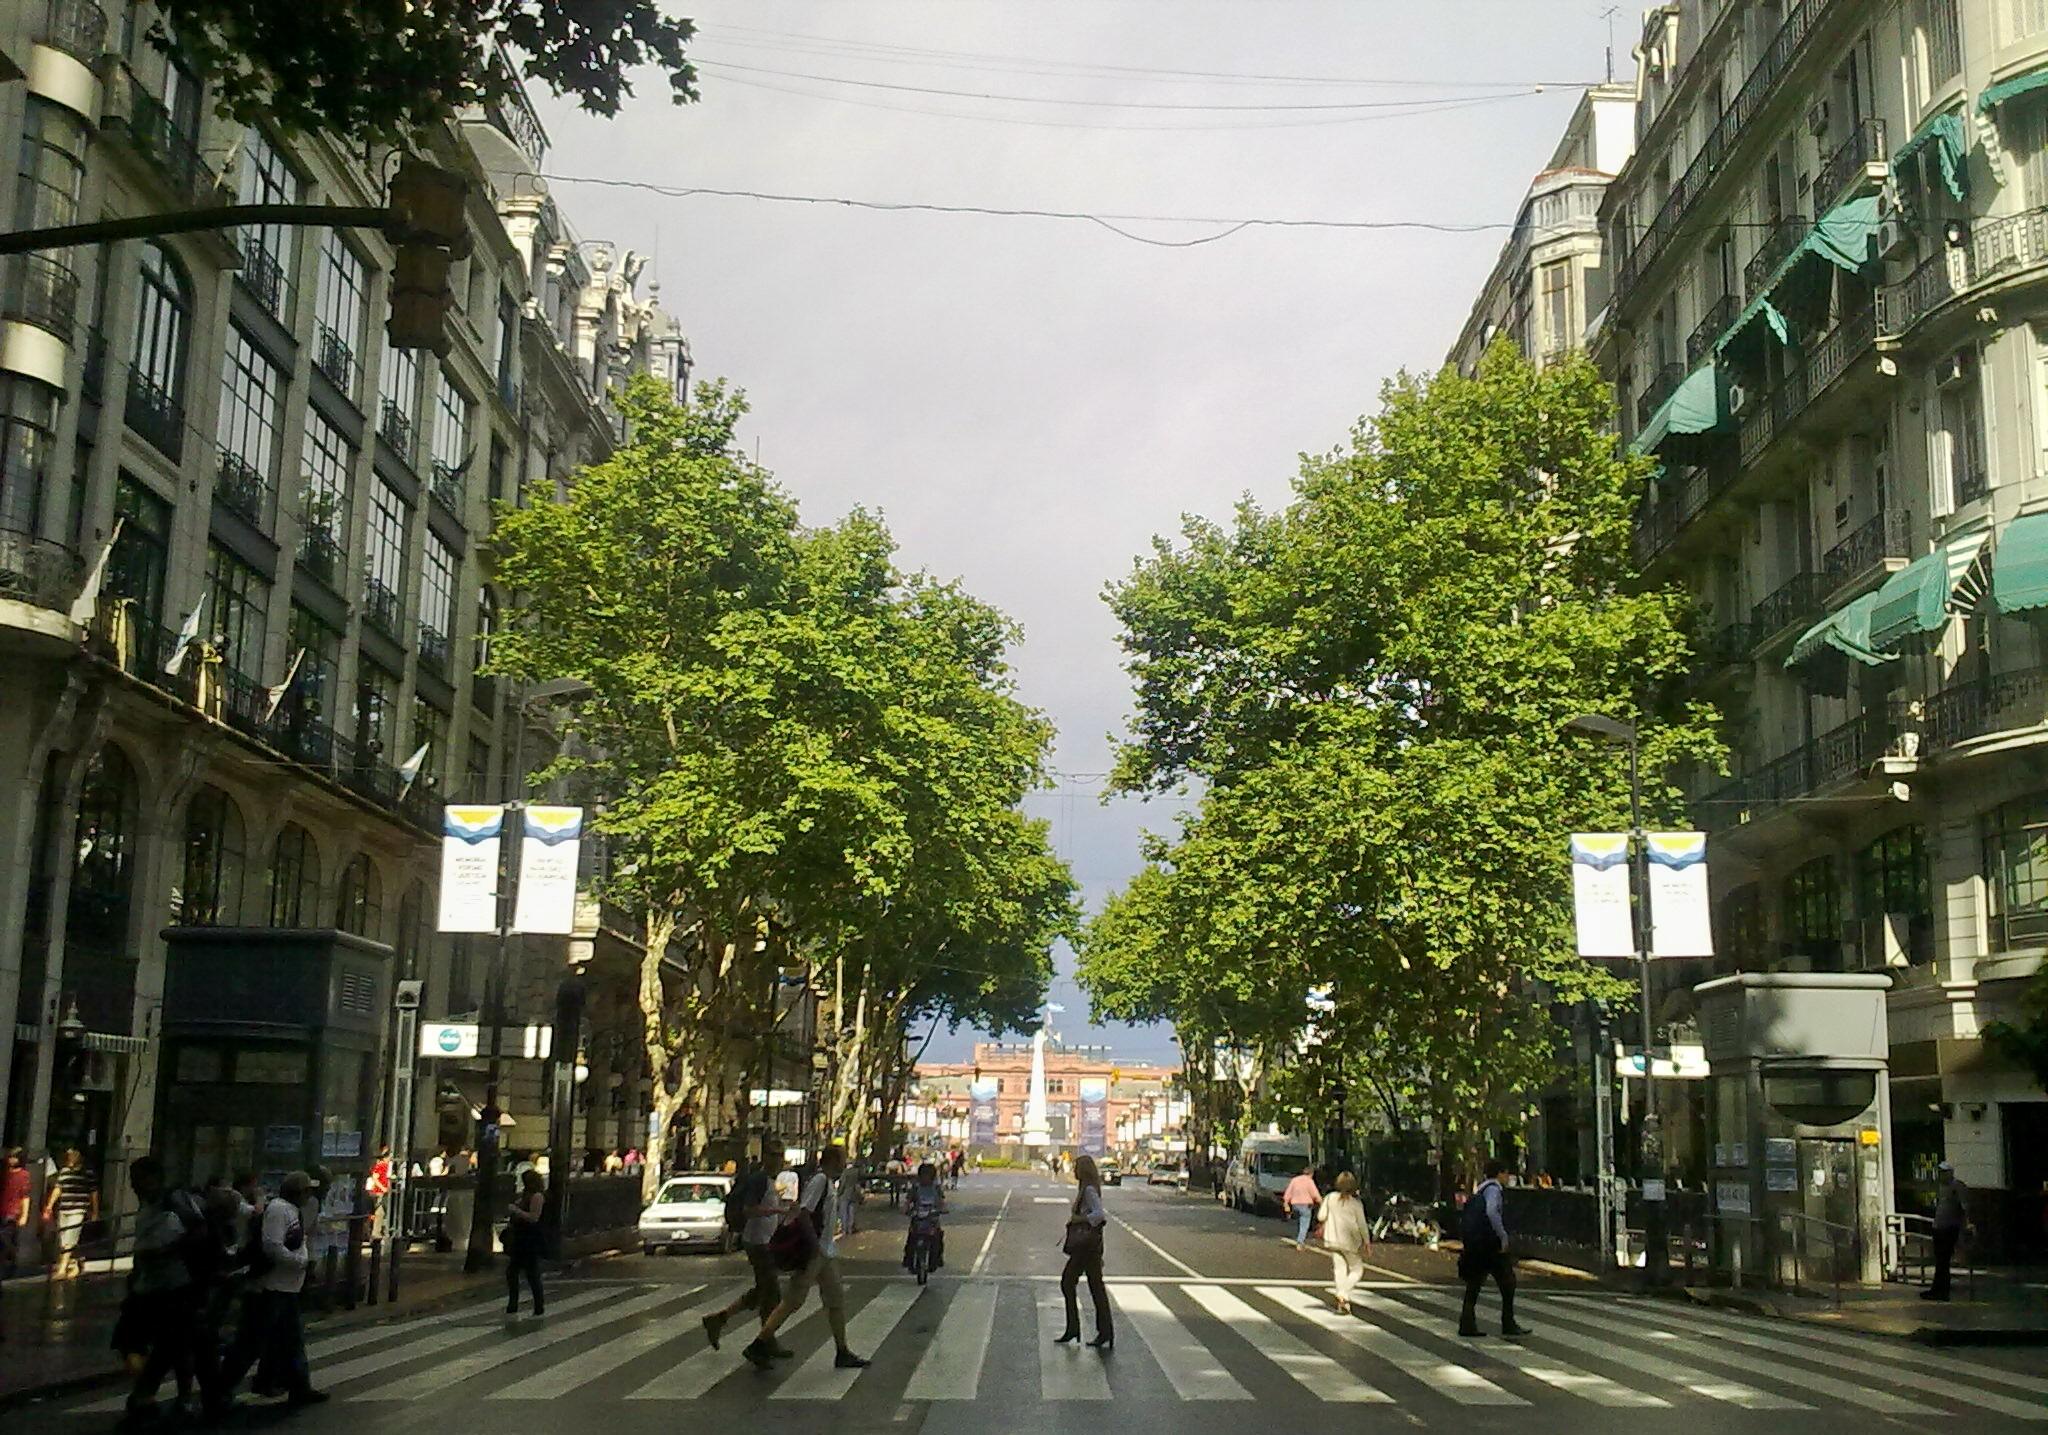 Depiction of Avenida de Mayo